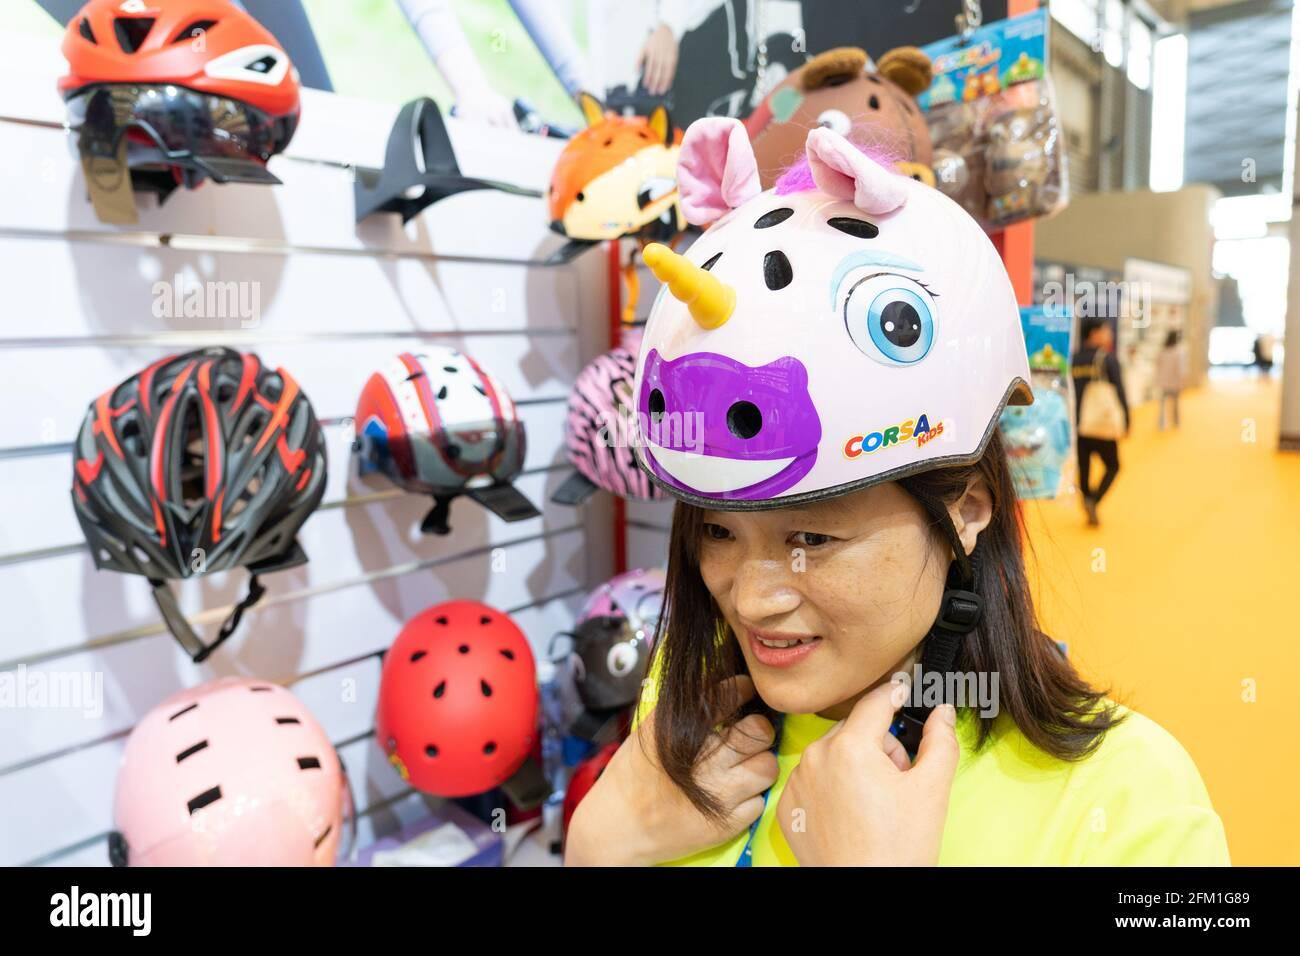 Shanghai. Mai 2021. Ein Mitarbeiter zeigt während der 30. Internationalen Fahrradmesse in Ostchina, Shanghai, am 5. Mai 2021, einen Helm in Form einer Cartoon-Figur. Die viertägige Veranstaltung startete hier am Mittwoch und zog mehr als 1,000 Unternehmen an. Quelle: Cai Yang/Xinhua/Alamy Live News Stockfoto